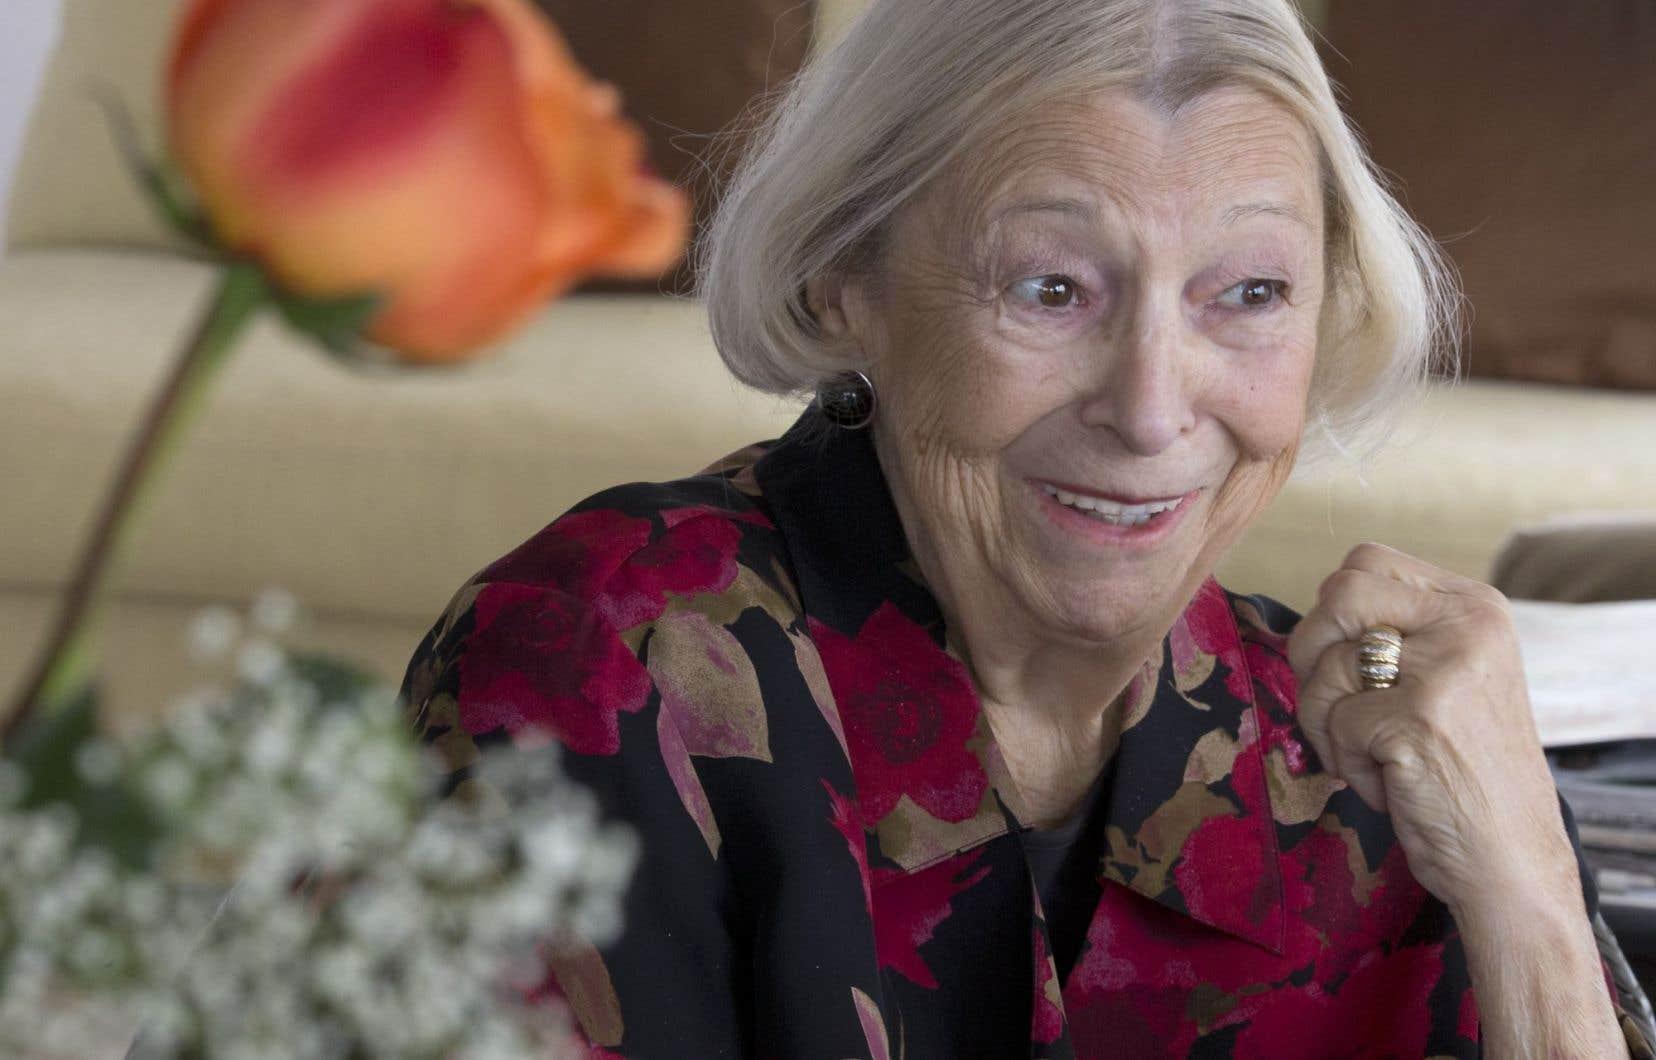 Lise Payette affirme que non seulement l'égalité pour les femmes n'est pas atteinte, contrairement à ce qu'affirment certains, mais que les femmes ont même régressé depuis quelques années.